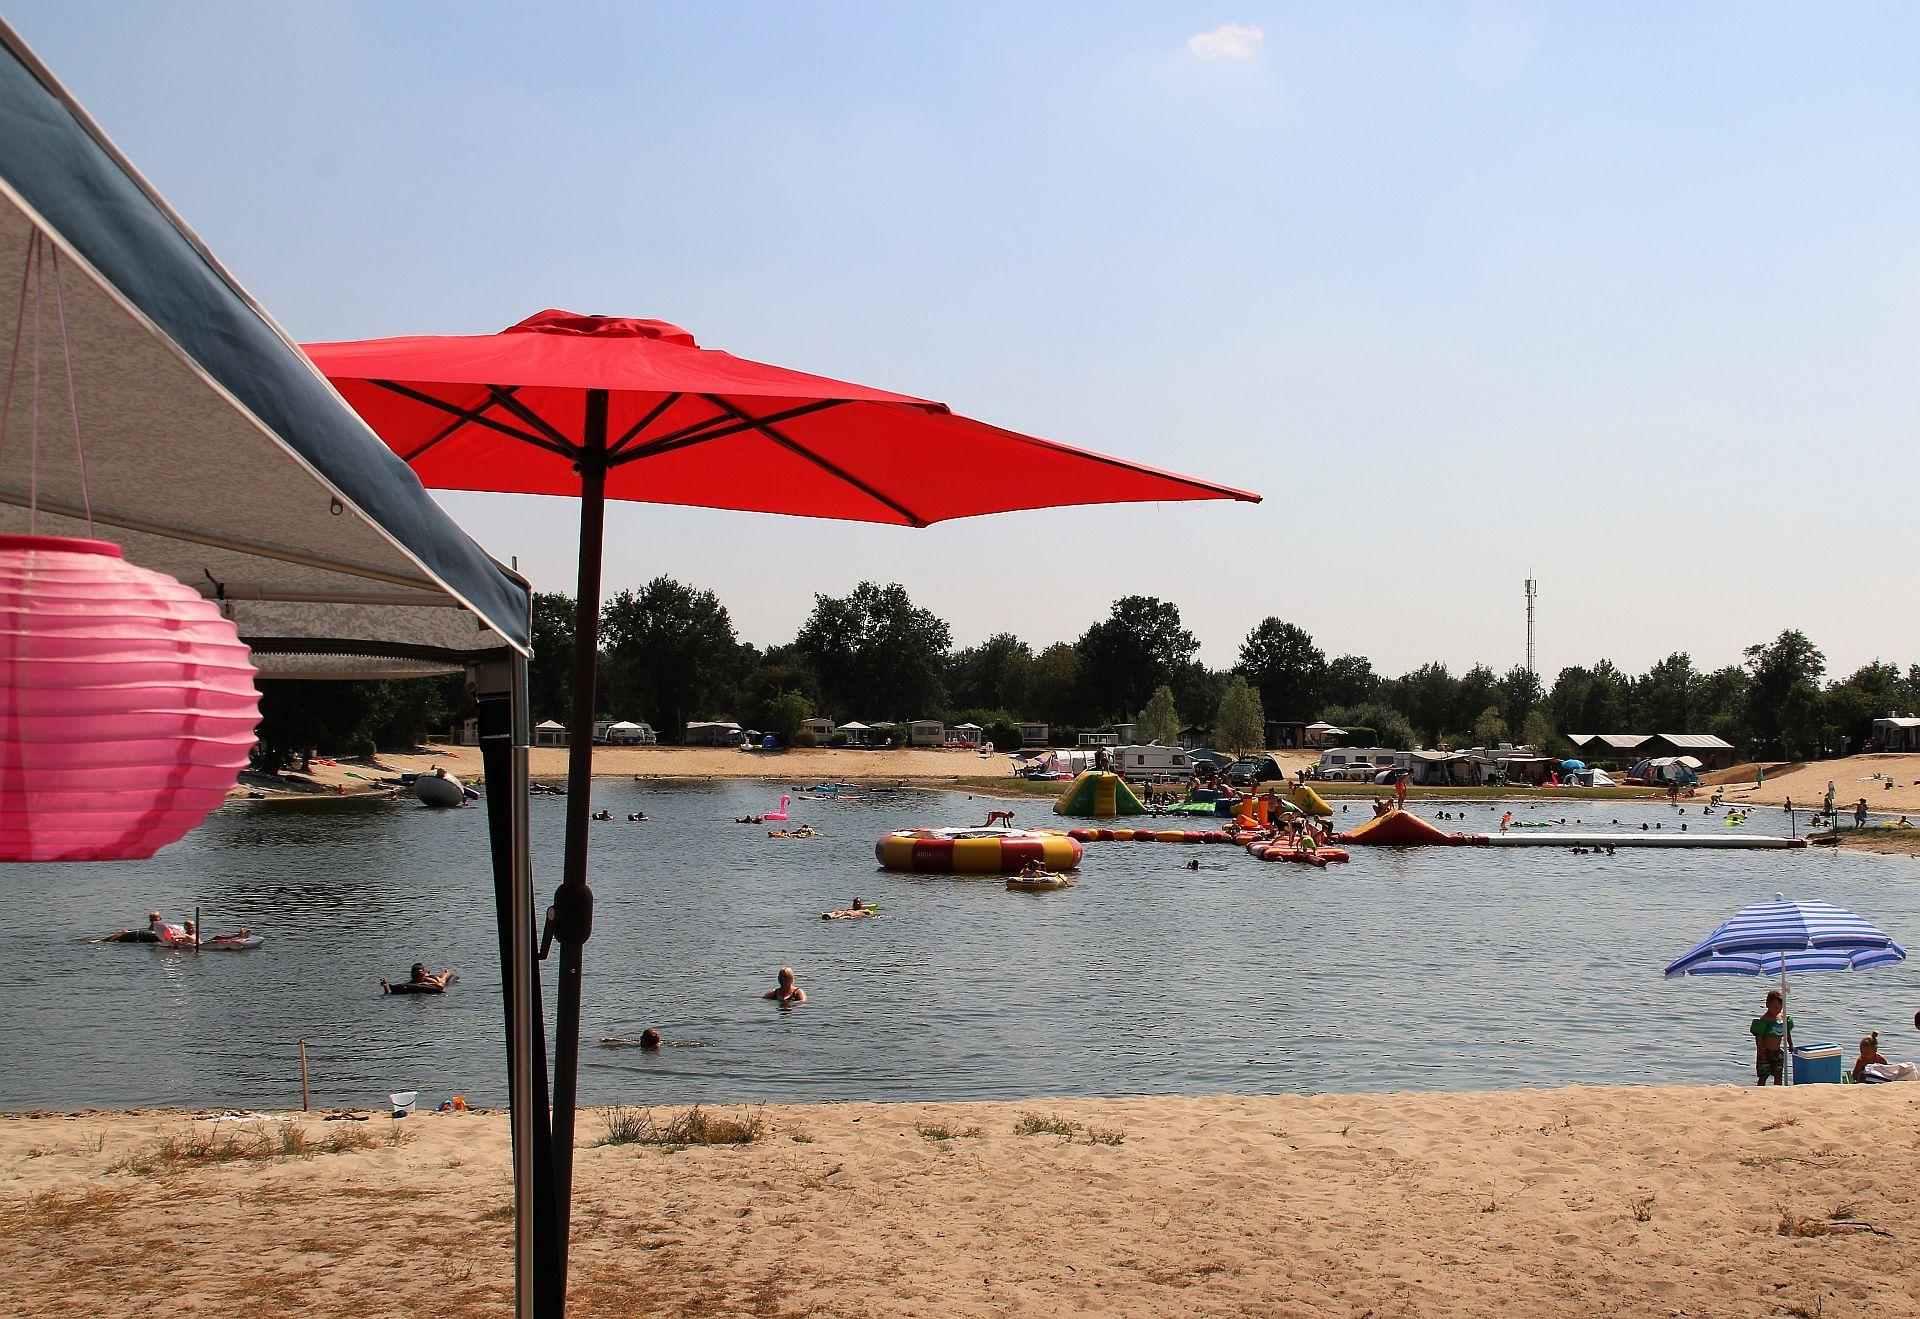 Kamperen aan het strand in de zomervakantie! - kamperen aan het strand in de zomervakantie